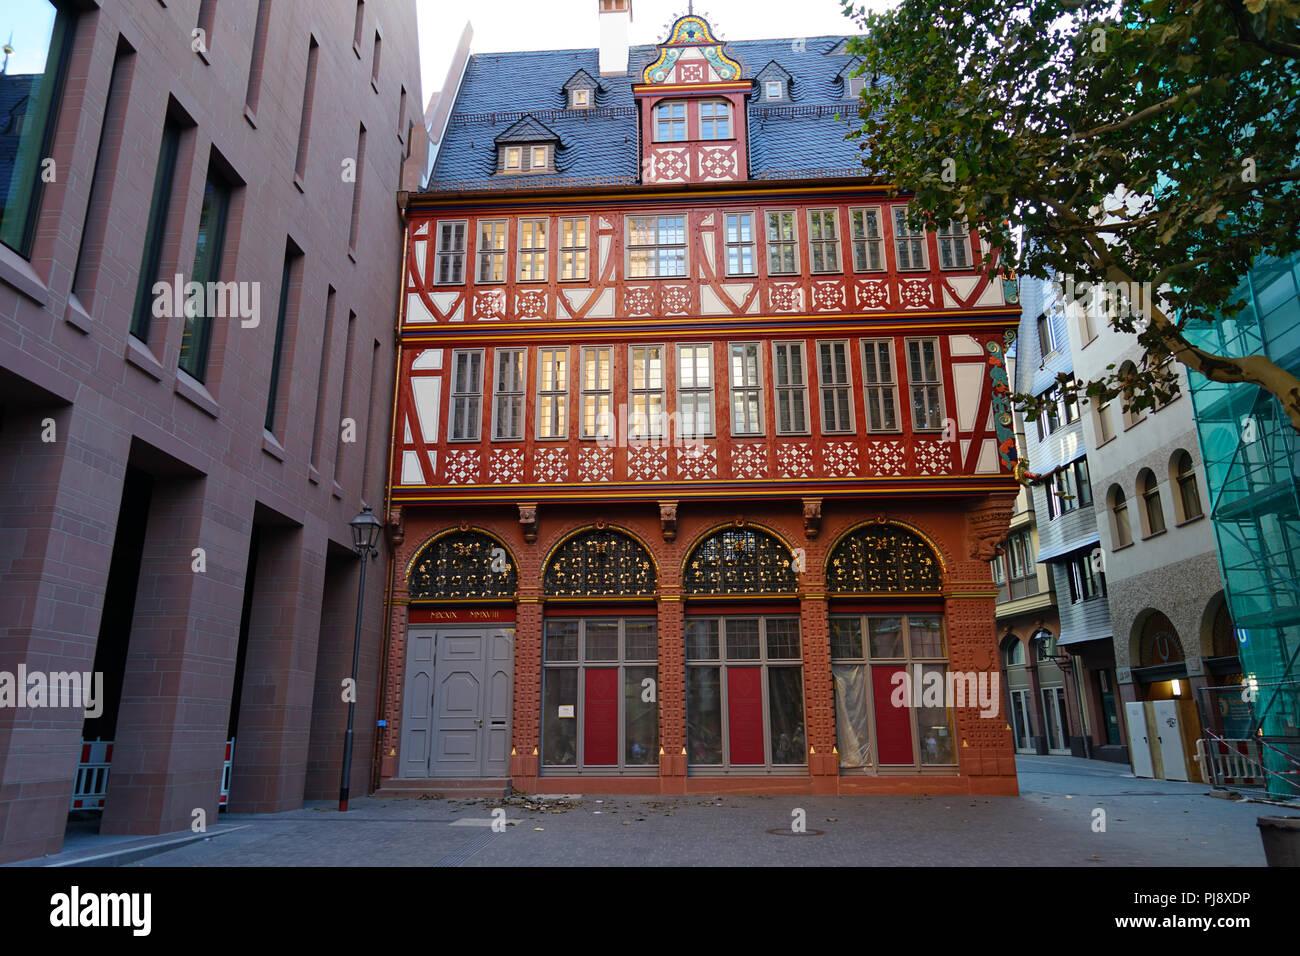 Markt 5, Goldene Waage, Anwesen eines Niederländischen Glaubensflüchtlings, Stadthaus am Markt, Dom-Römer-Projekt, Neue Frankfurter Altstadt - Stock Image